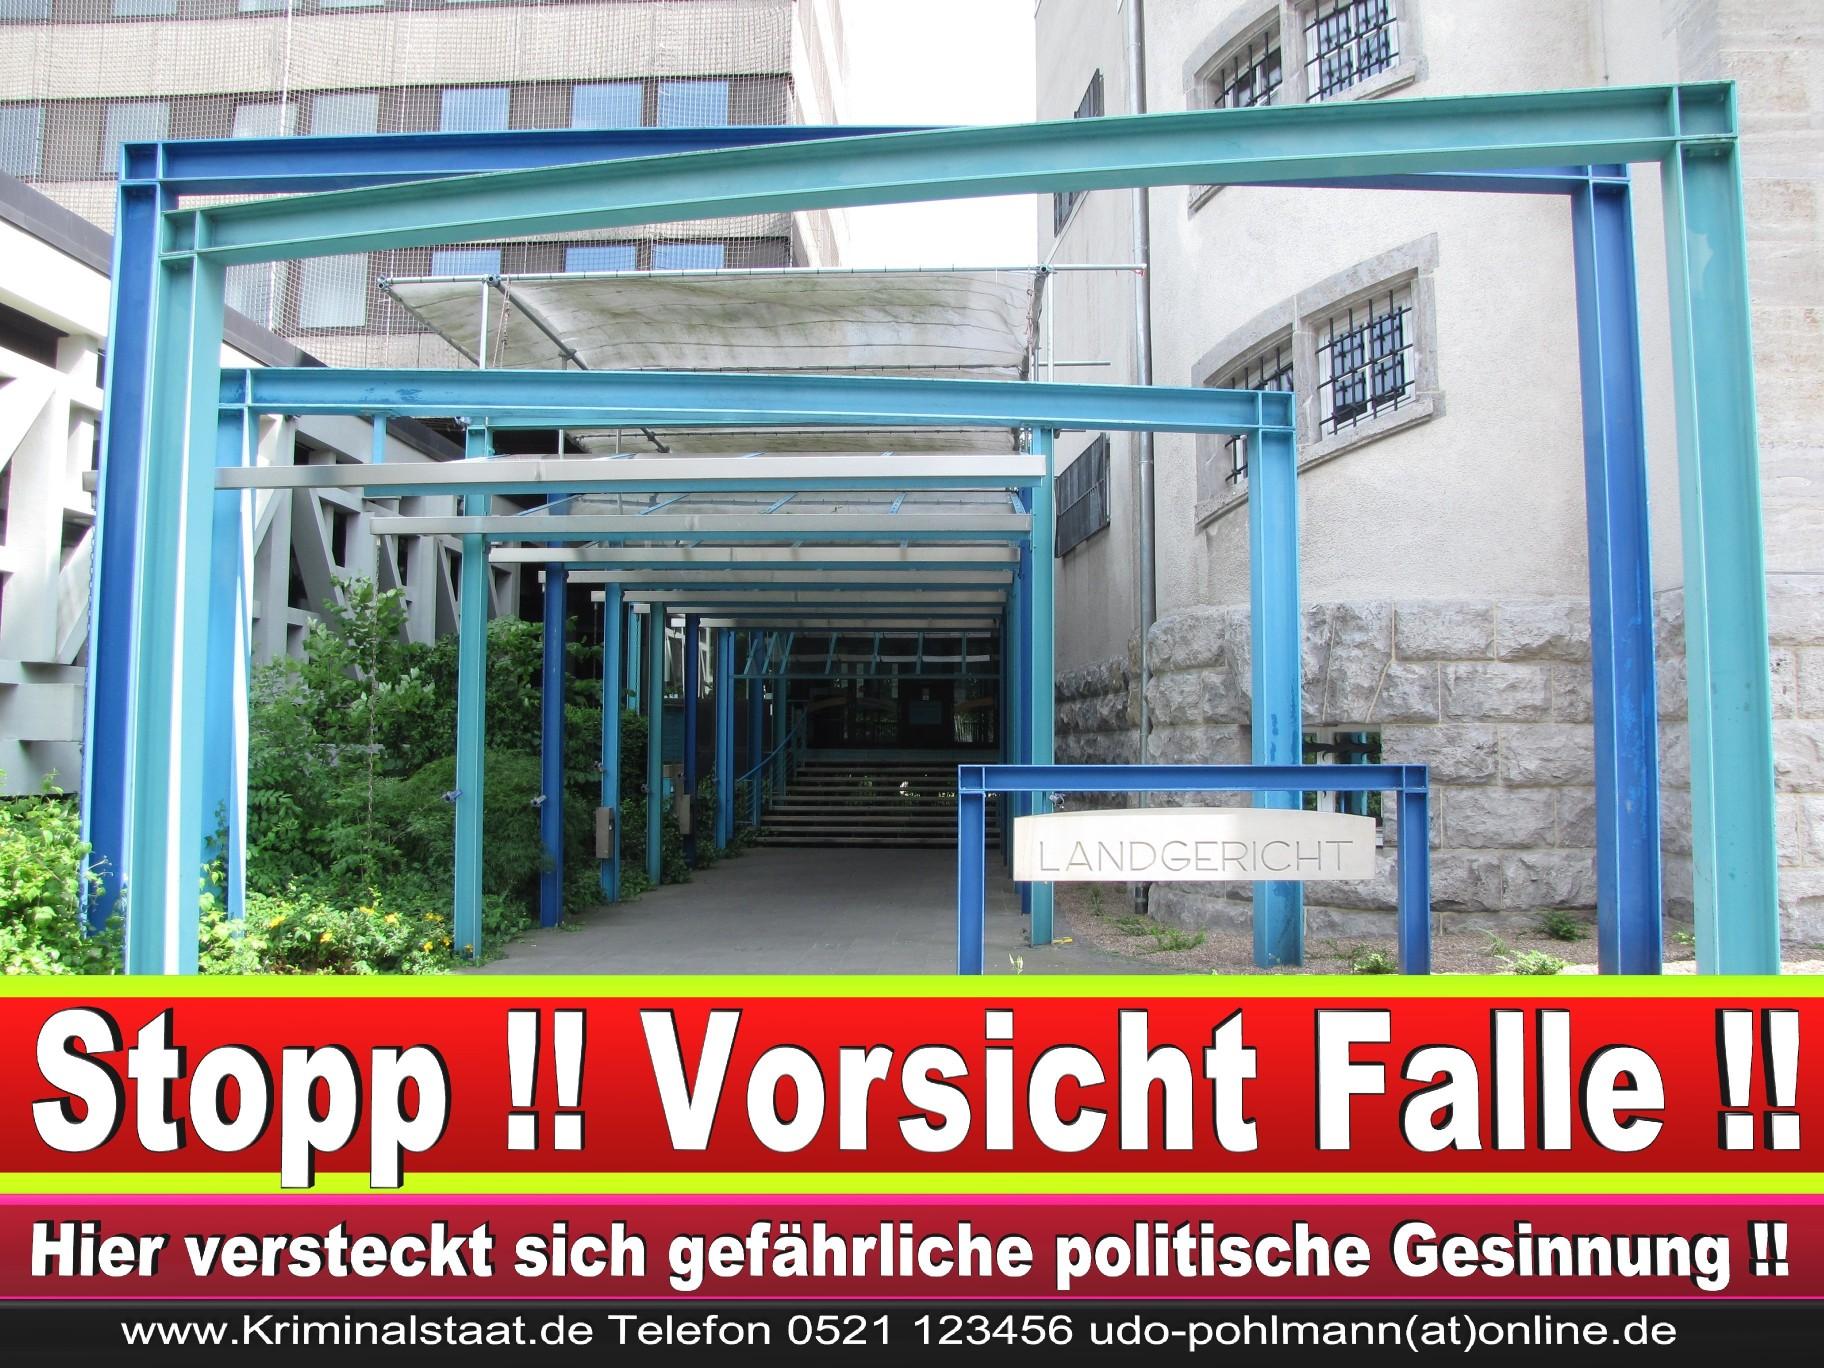 CDU Landgericht Bielefeld Landgerichtspräsident Klaus Petermann Hochstraße Bünde Jens Gnisa Richterbund Richtervereinigung 36